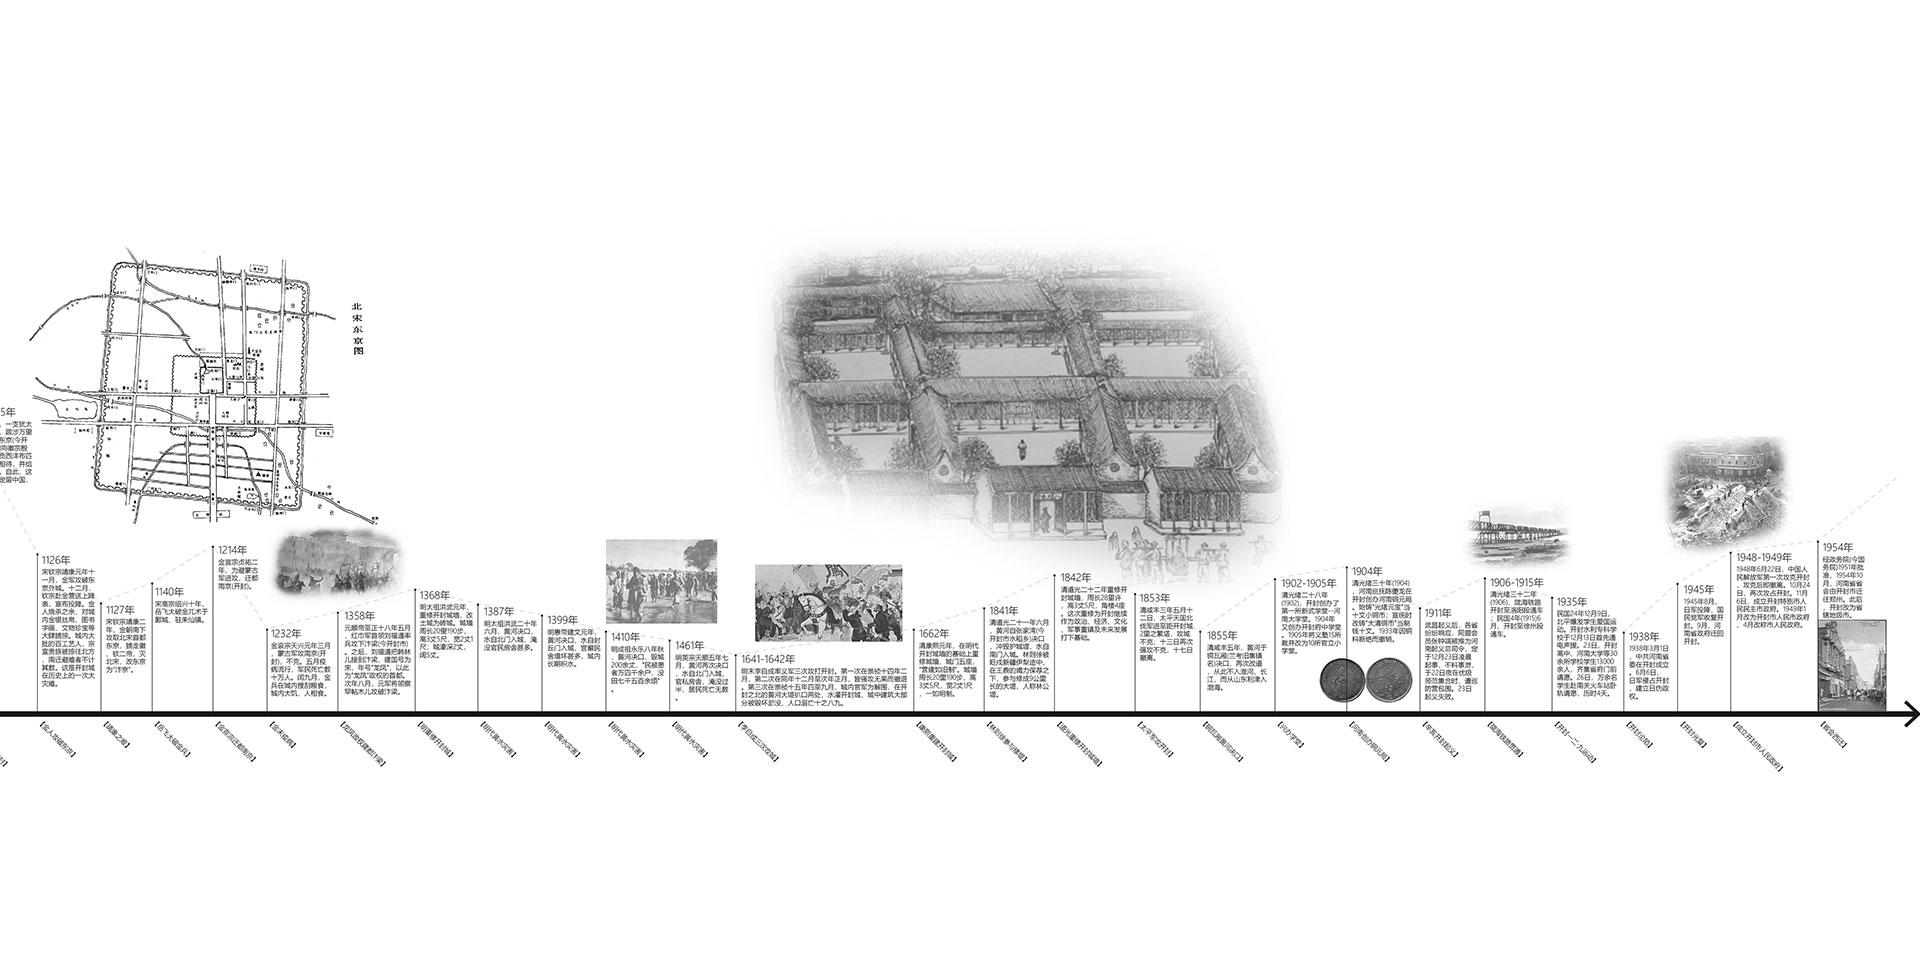 Иммерсивный театр и музей, Кайфэн